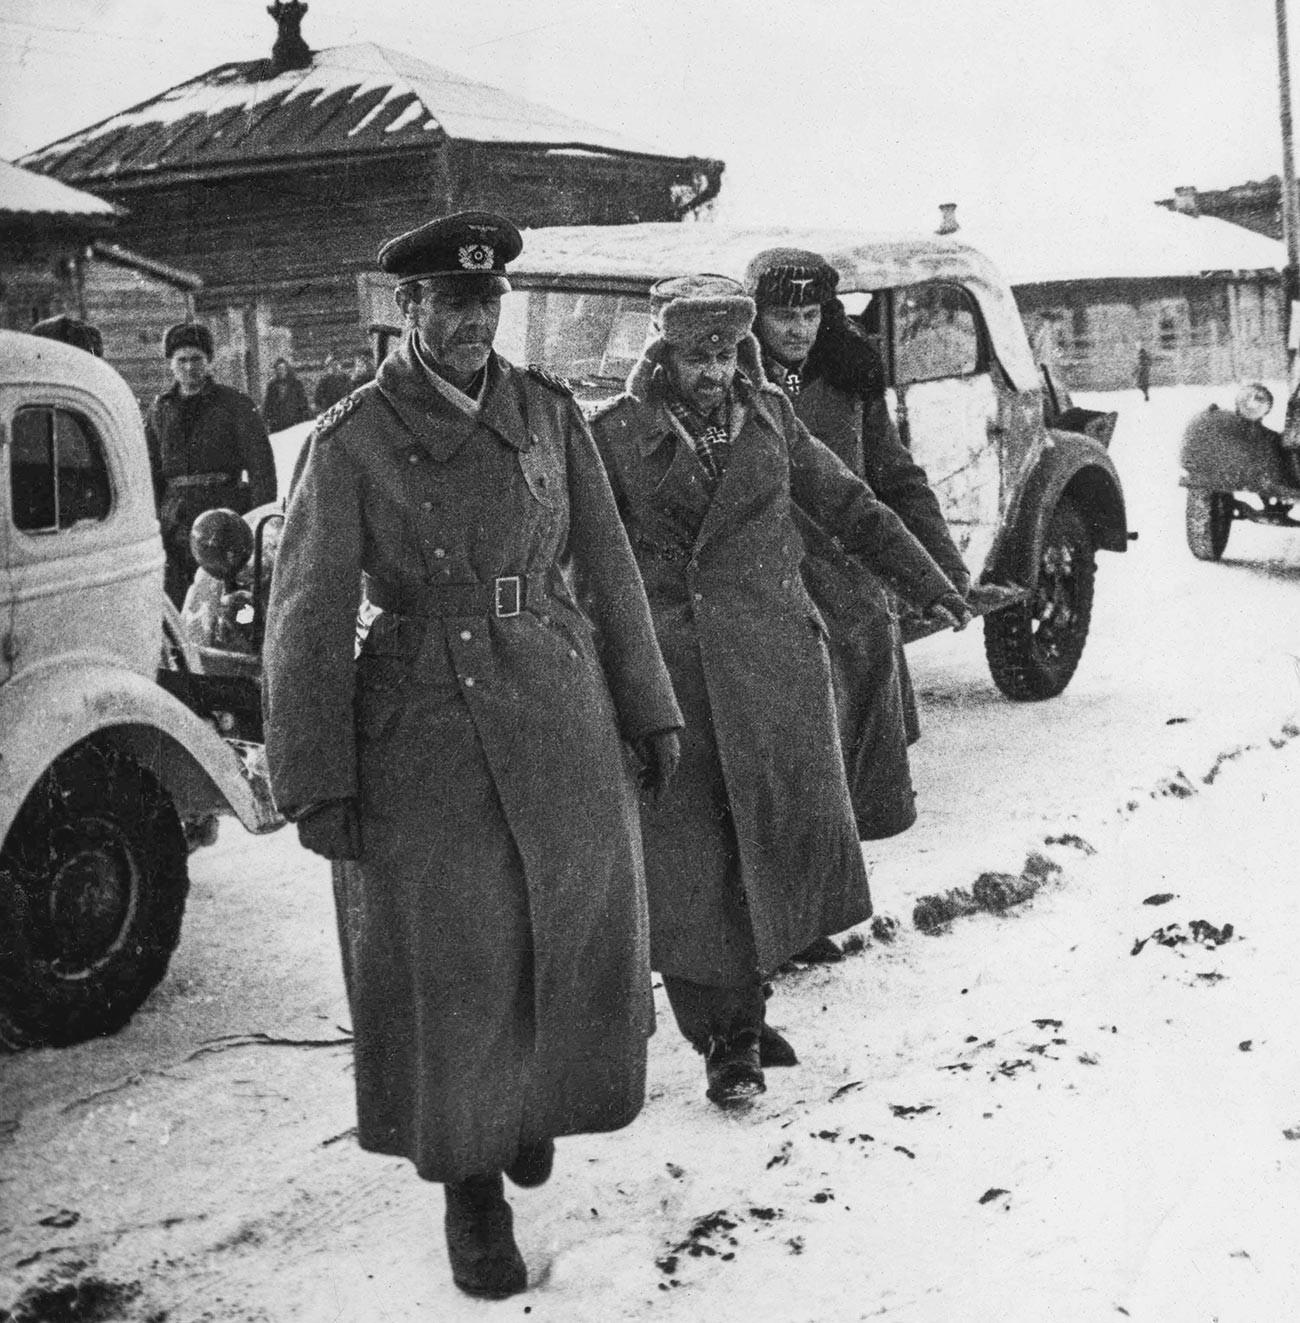 Friedrich Paulus y su personal tomados como prisioneros en Stalingrado.